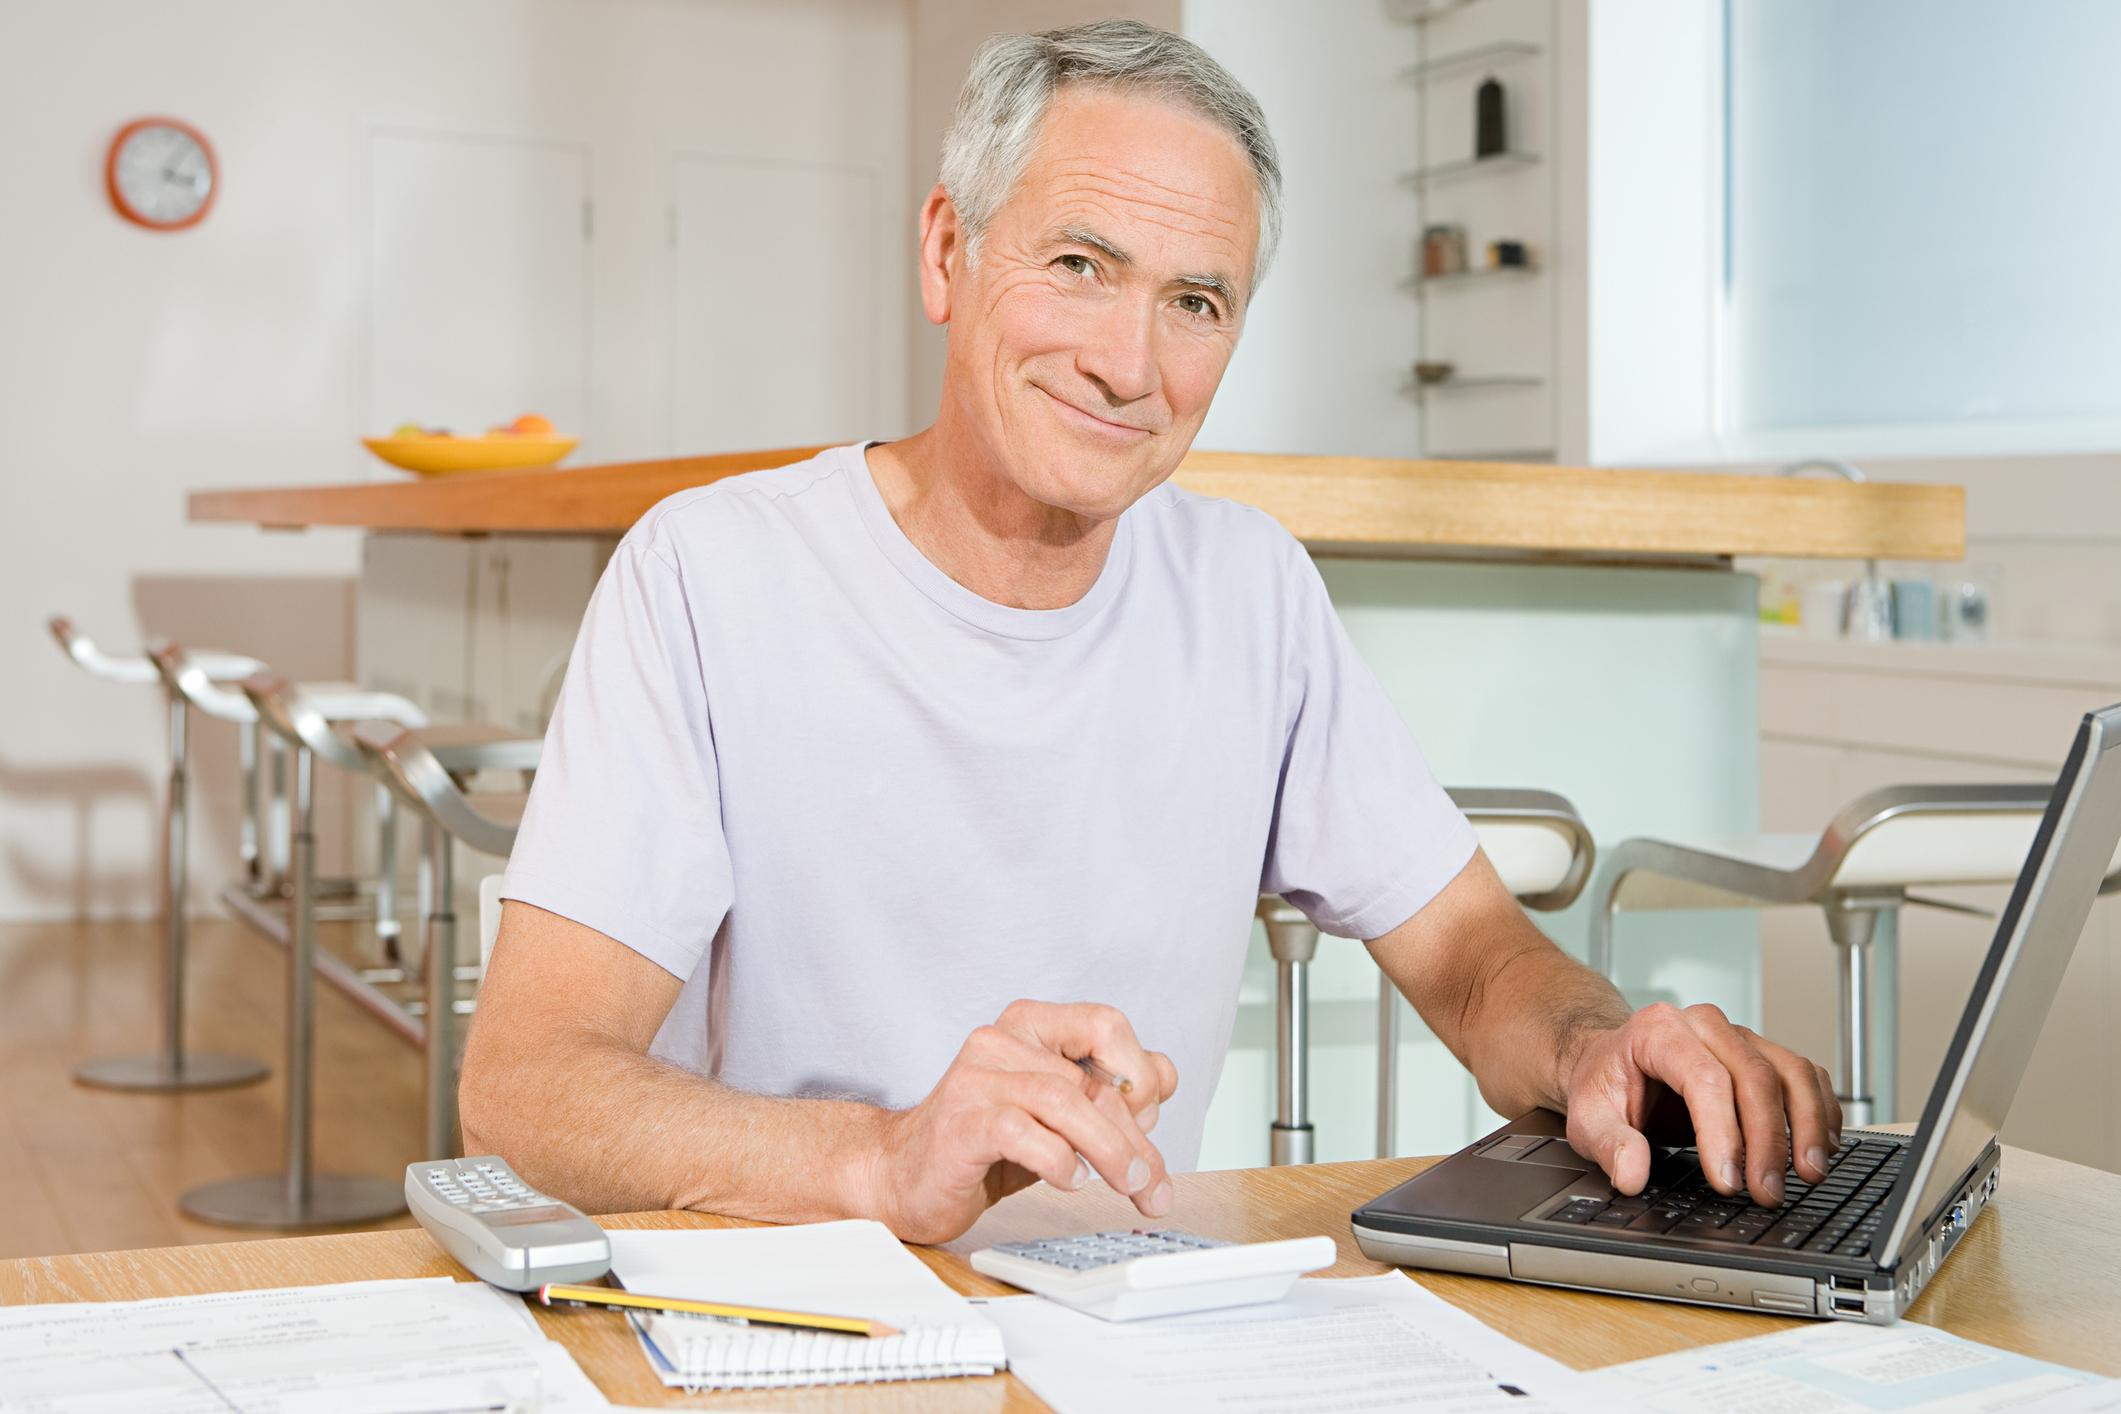 A senior man using his laptop to examine his finances.